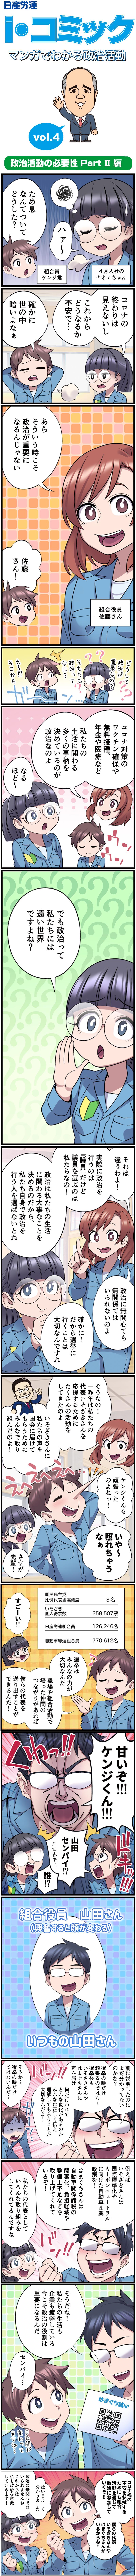 i-comic_03___